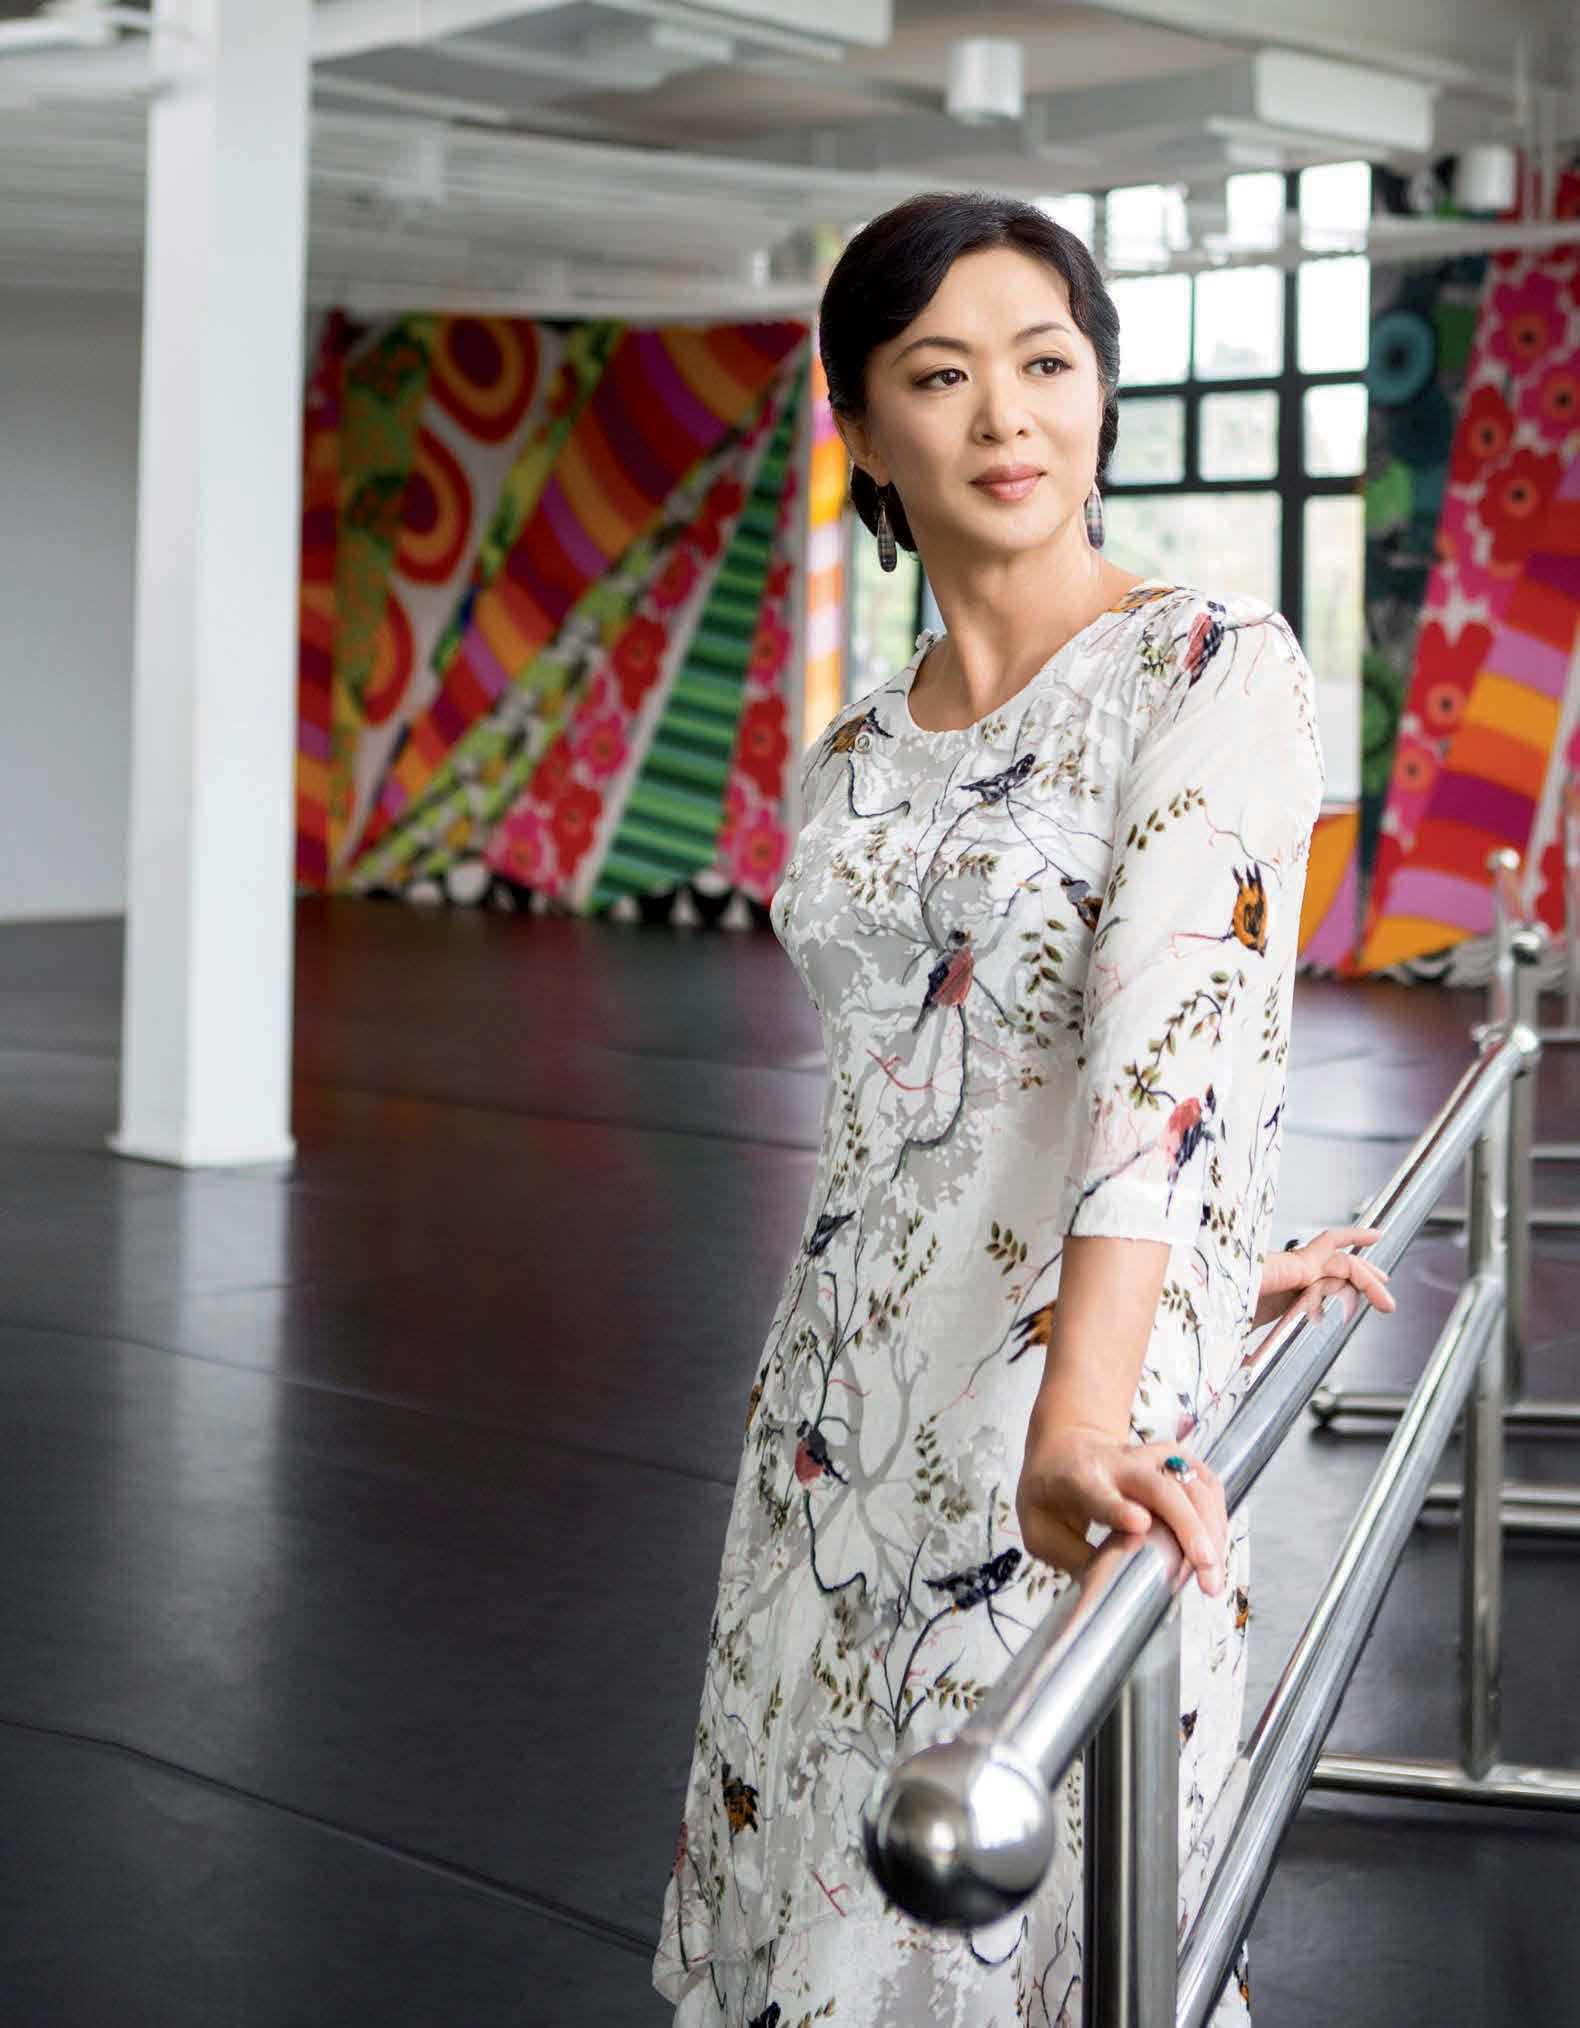 """Цзинь Син: """"Мои дети знают, что их мать в прошлом была мужчиной"""""""